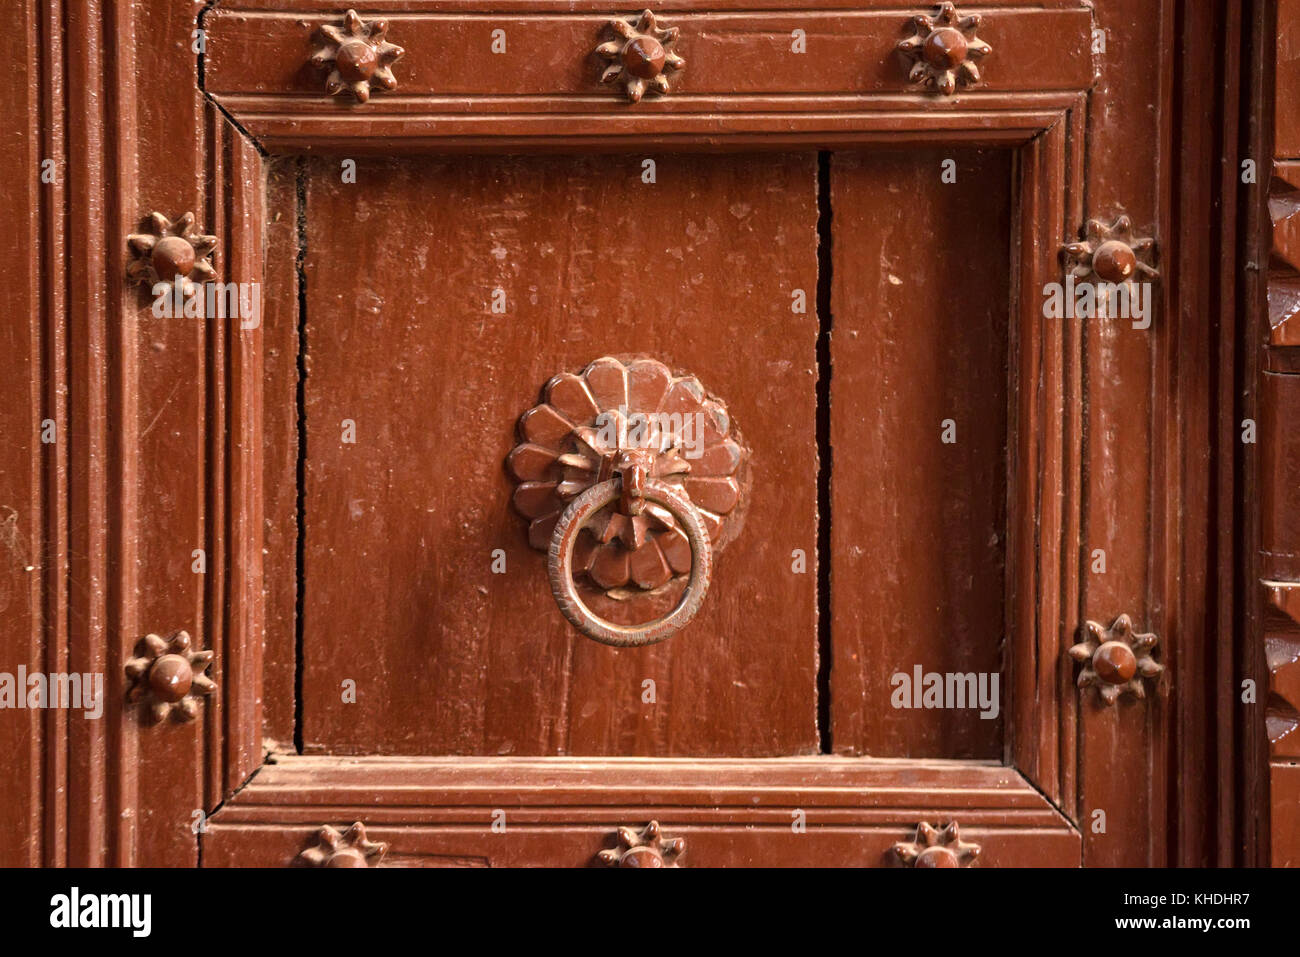 Old doorknob on vintage red door in India - Stock Image